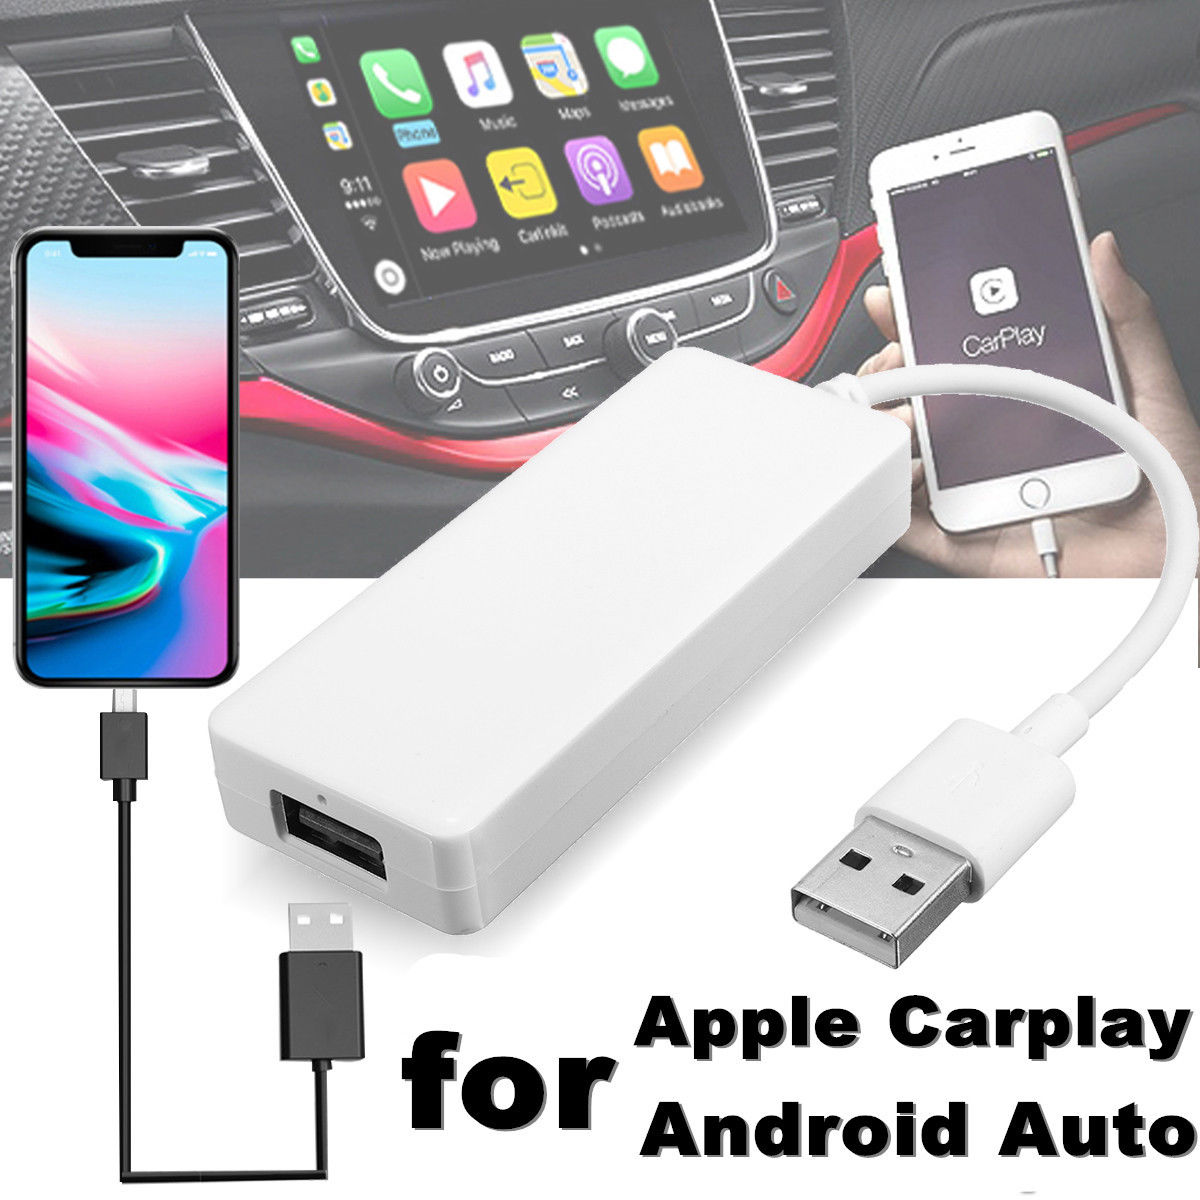 Lien de voiture Dongle lien Dongle universel lien automatique Dongle Navigation lecteur USB Dongle pour Apple Android CarPlay